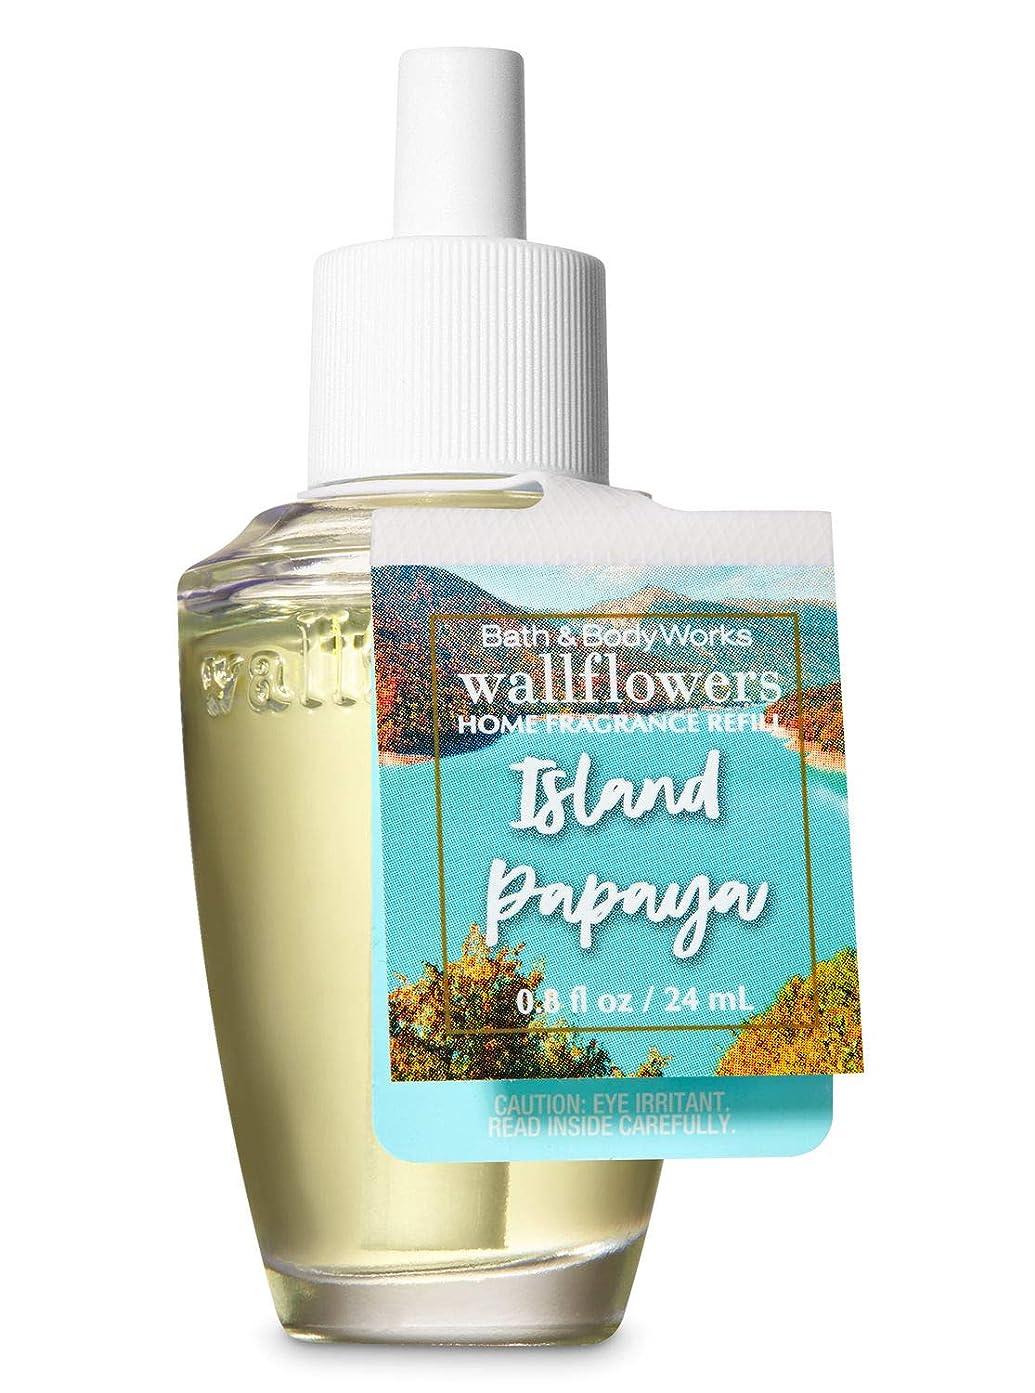 ナビゲーション自己尊重意外【Bath&Body Works/バス&ボディワークス】 ルームフレグランス 詰替えリフィル アイランドパパイヤ Wallflowers Home Fragrance Refill Island Papaya [並行輸入品]